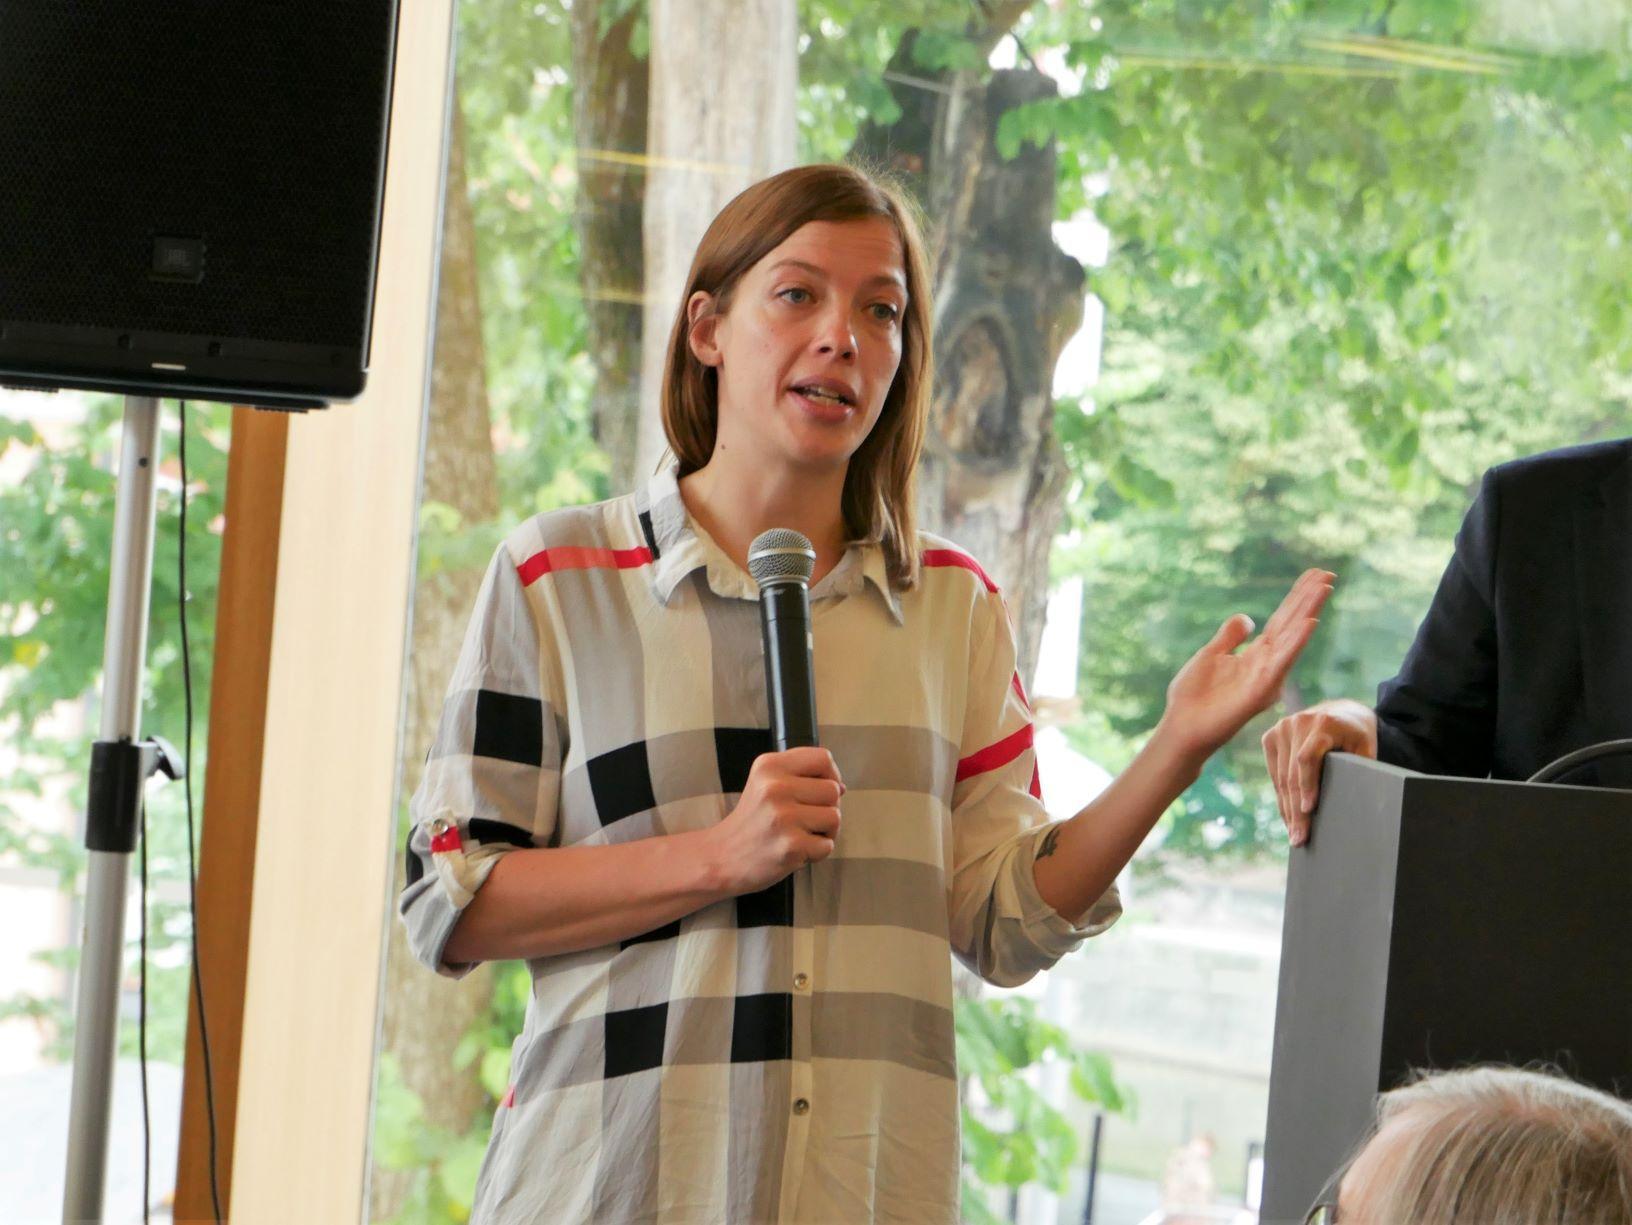 Li Andersson talar i mikrofon